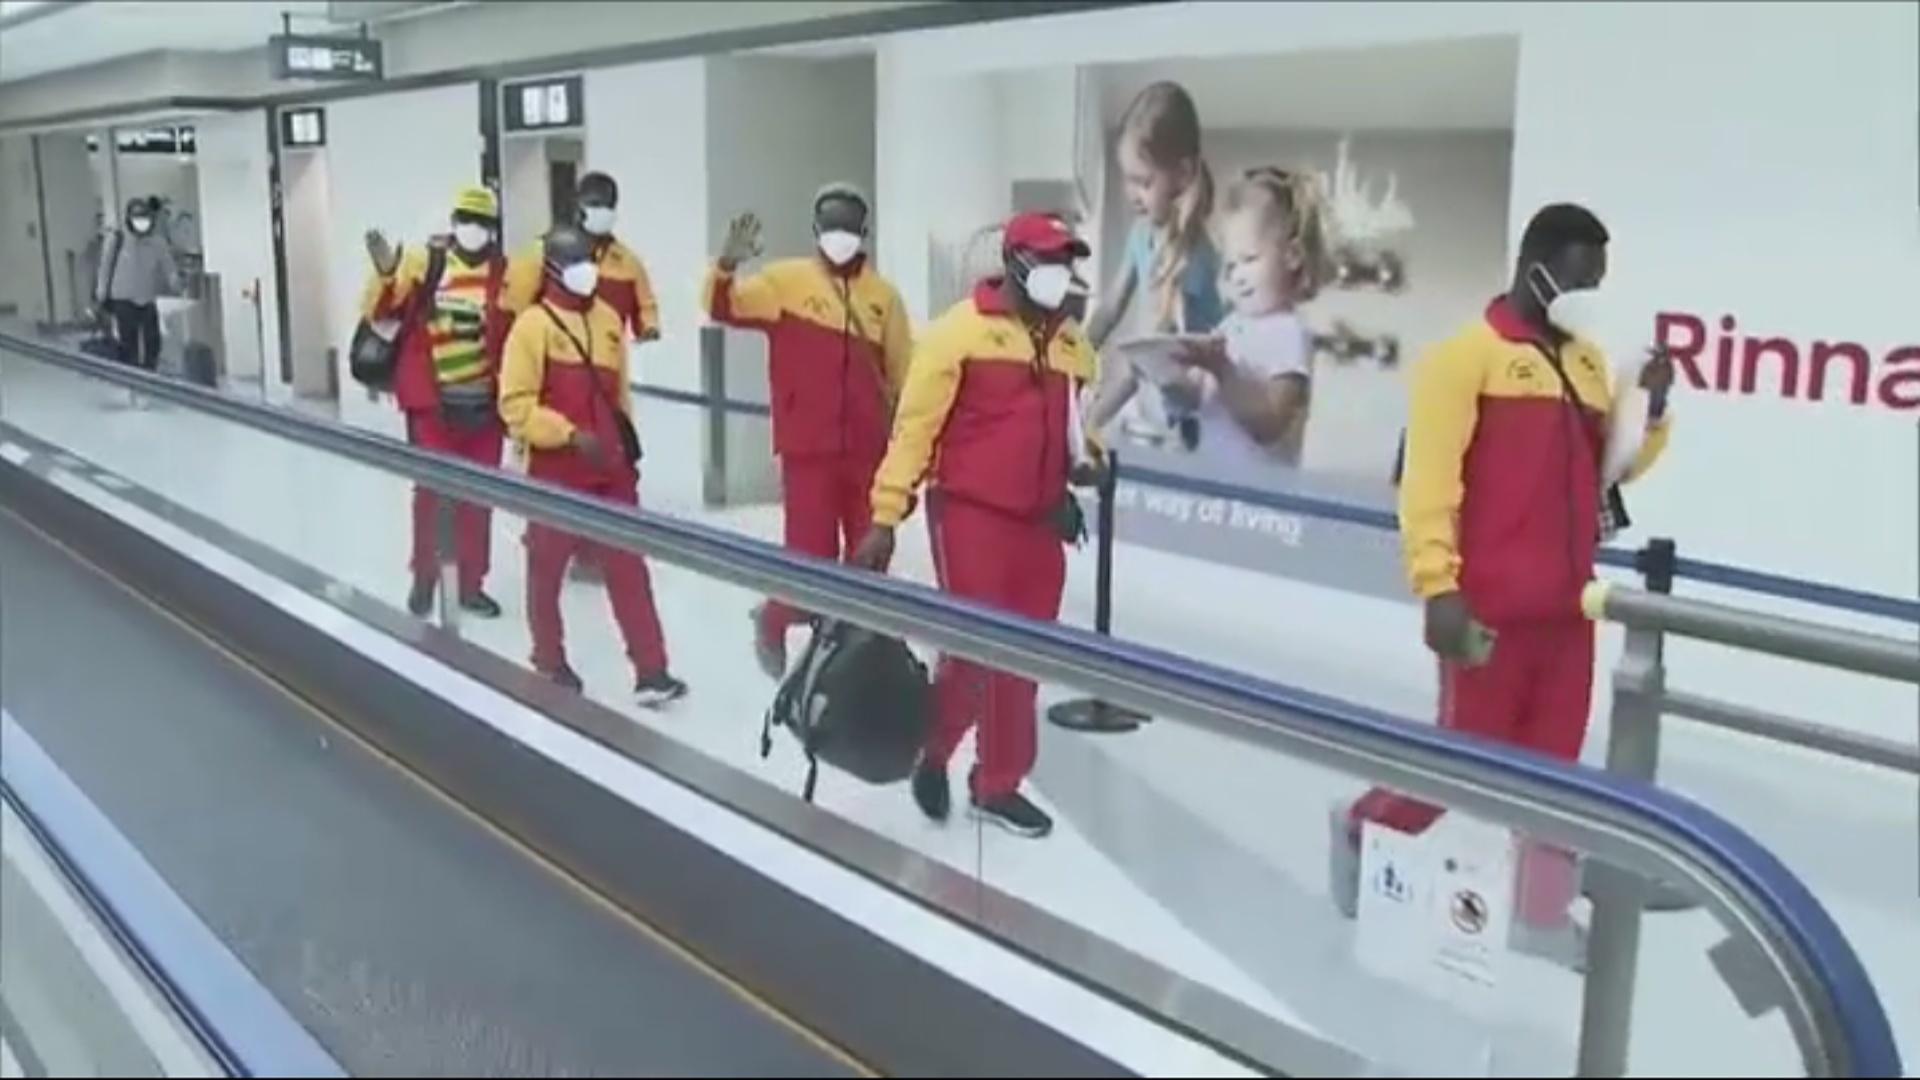 Juegos Olímpicos Tokio 2020: Llegan los primeros deportistas olímpicos a  Tokio | Marca